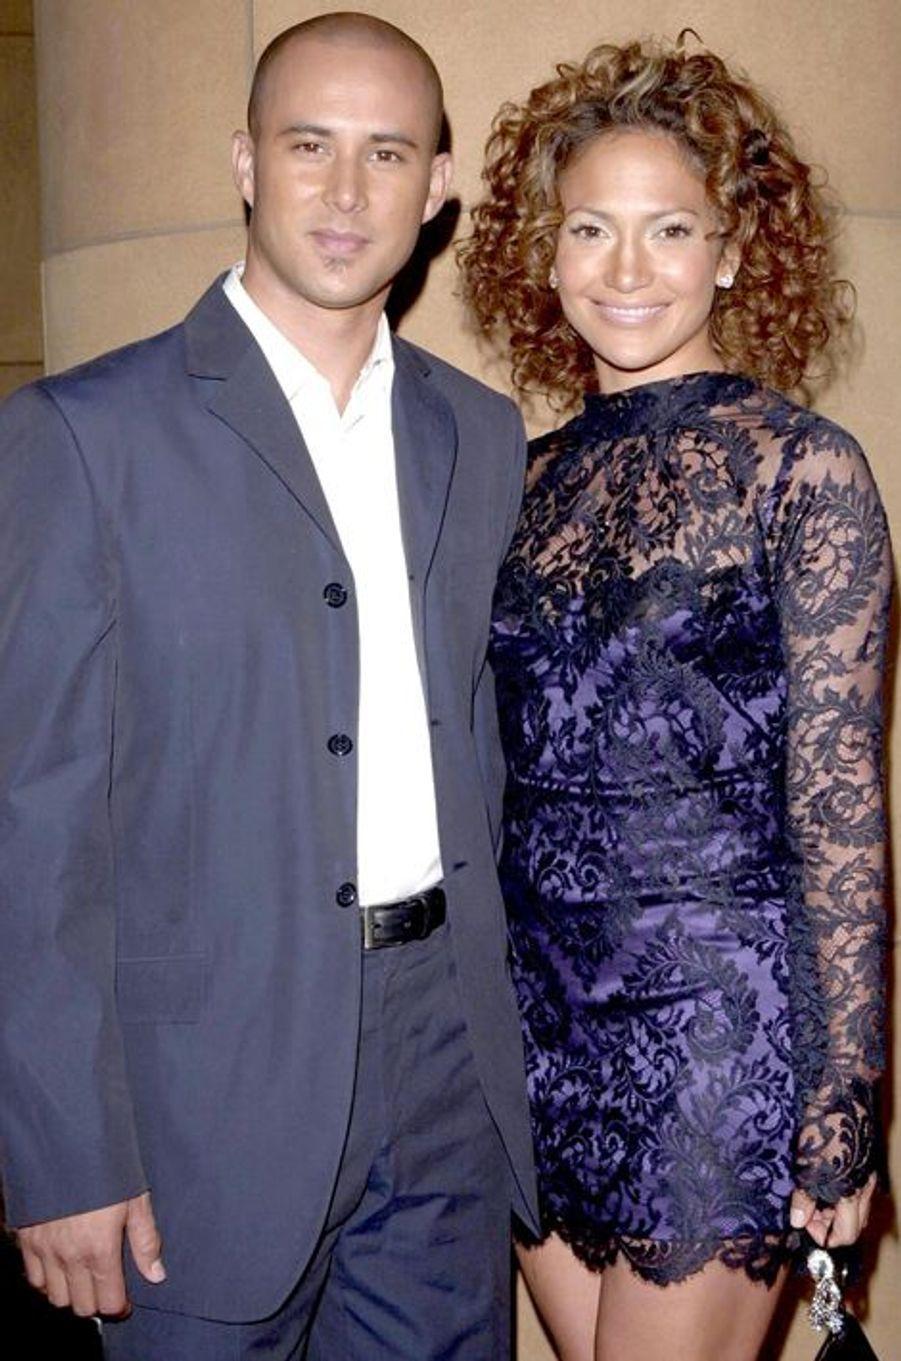 Déjà mariée une première fois entre février 1997 à janvier 1998, la chanteuse américaine avait épousé l'un de ses danseurs, Cris Judd, en septembre 2001 après sept mois de relation. Séparés en mai 2002, le divorce avait été prononcé en janvier 2003.